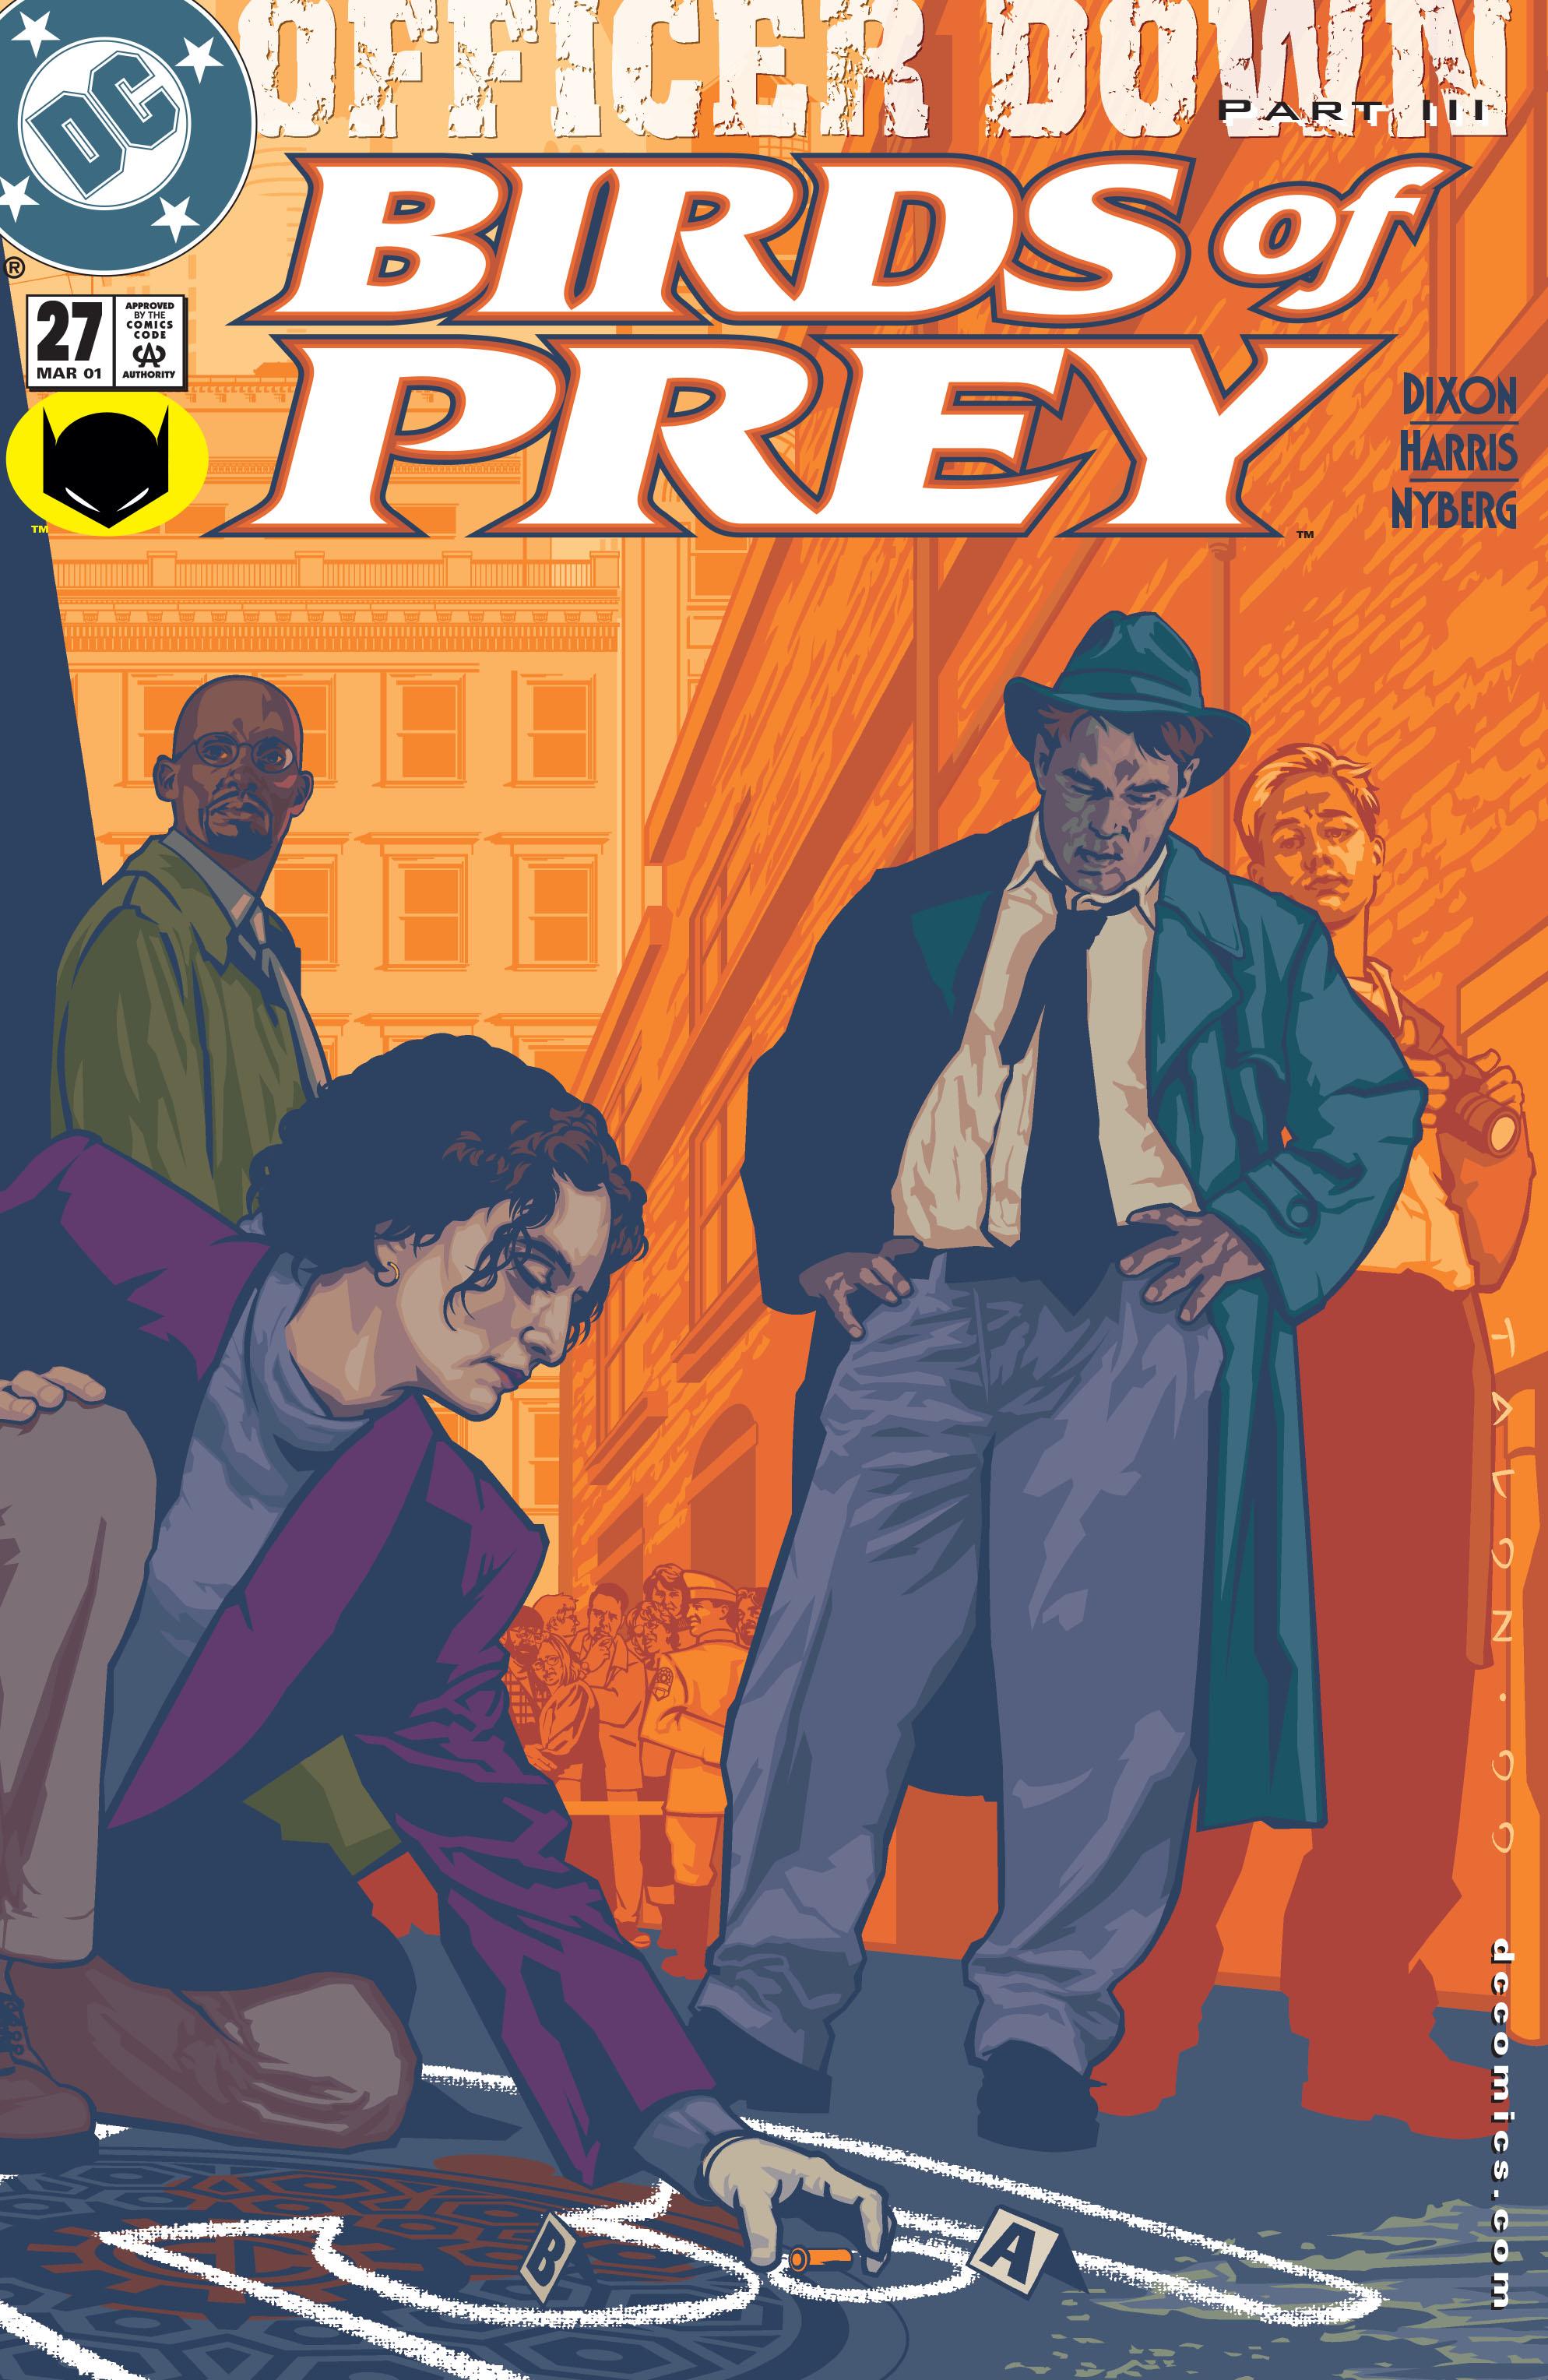 Birds of Prey (1999) 27 Page 1